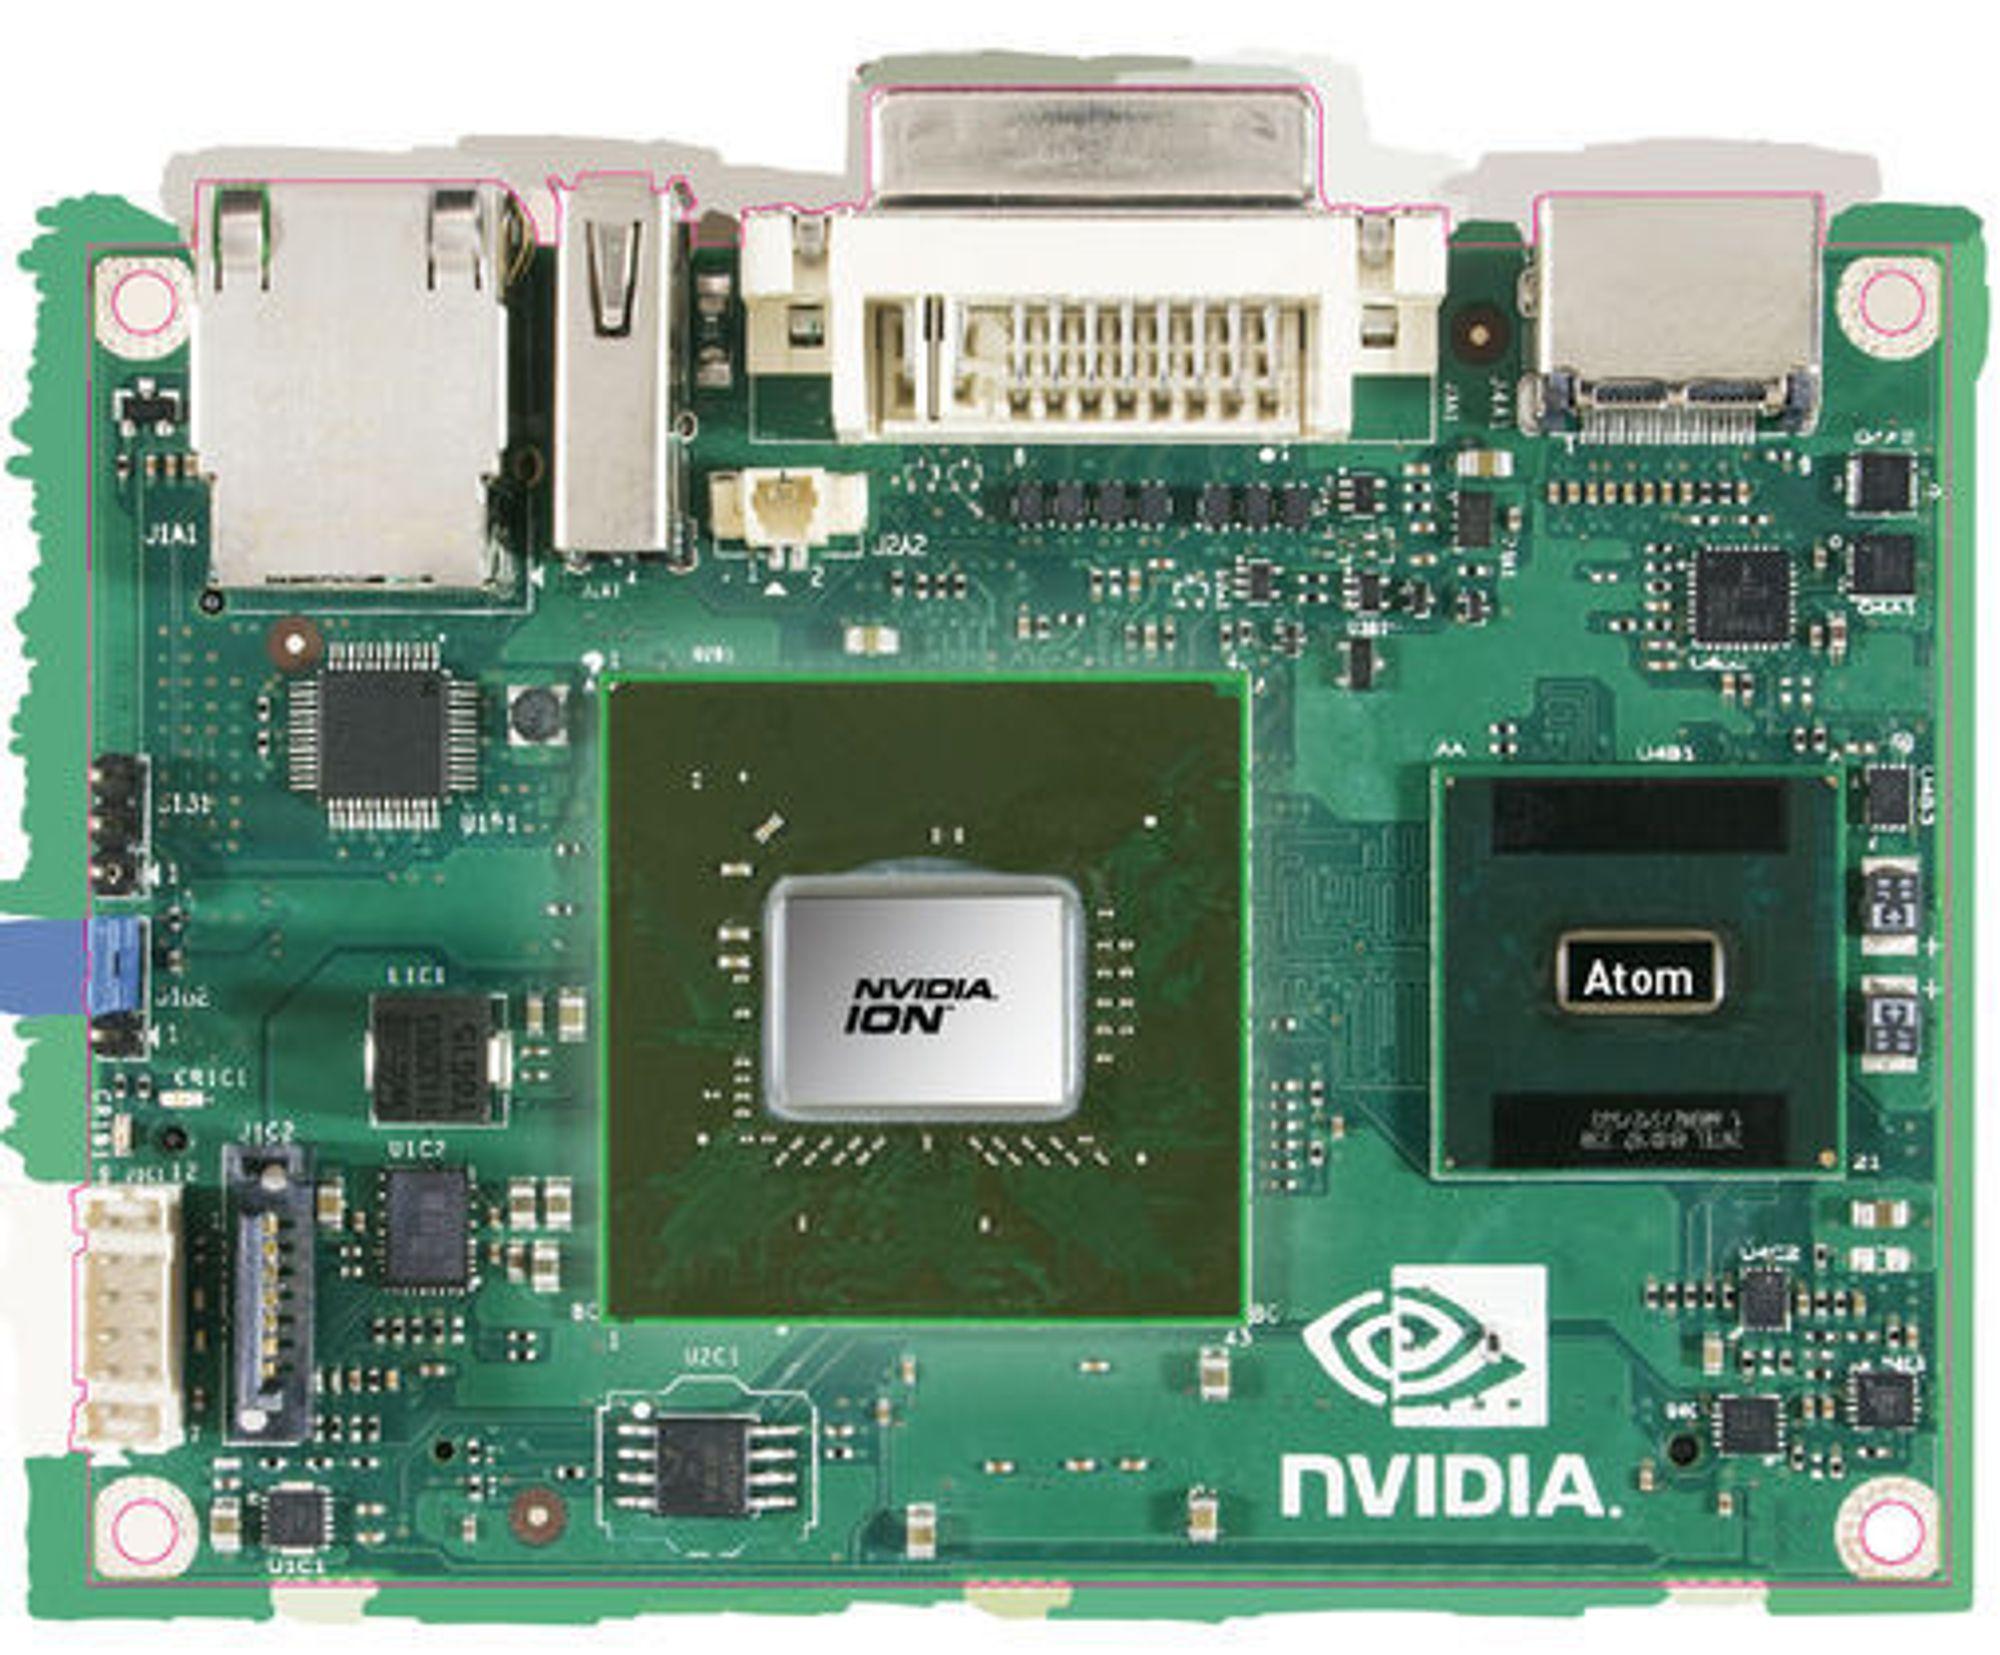 Hovedkort i pico-størrelsen med Intel Atom-prosessor og Nvidia Ion GPU.